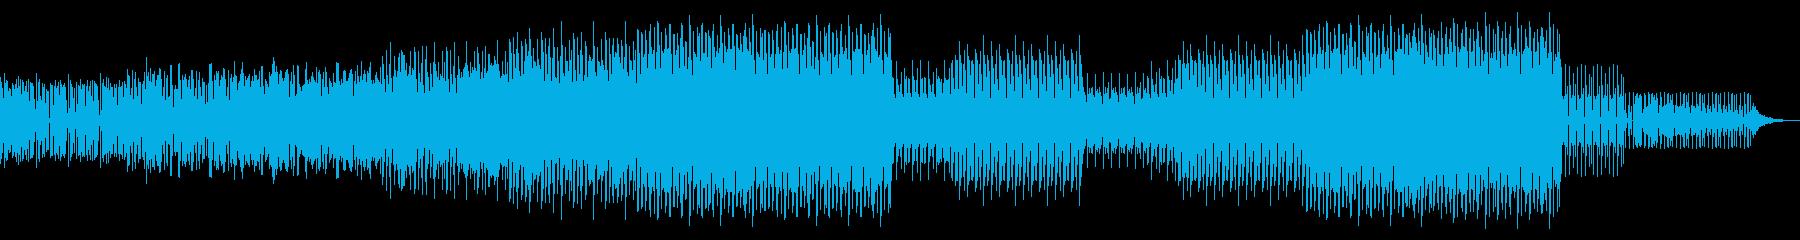 シンセドラムによる激しいビートBGMの再生済みの波形